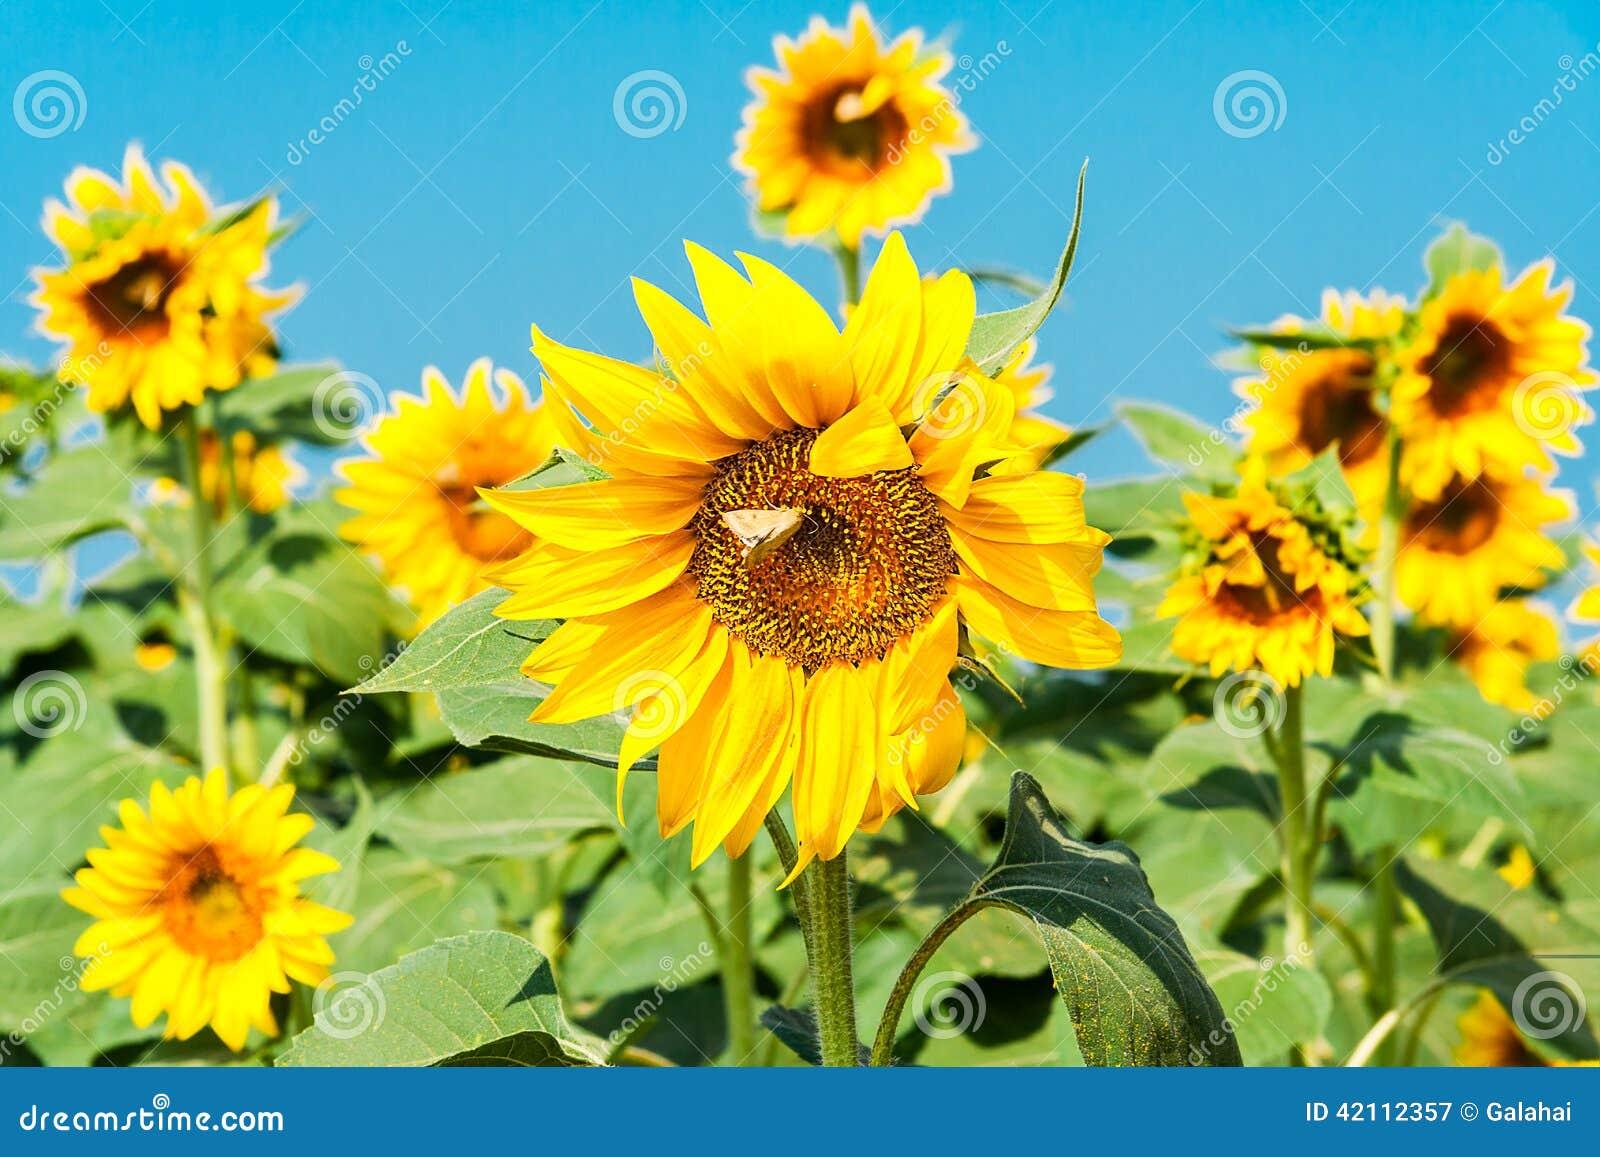 fleur de tournesol avec un papillon image stock image du fleur floraison 42112357. Black Bedroom Furniture Sets. Home Design Ideas